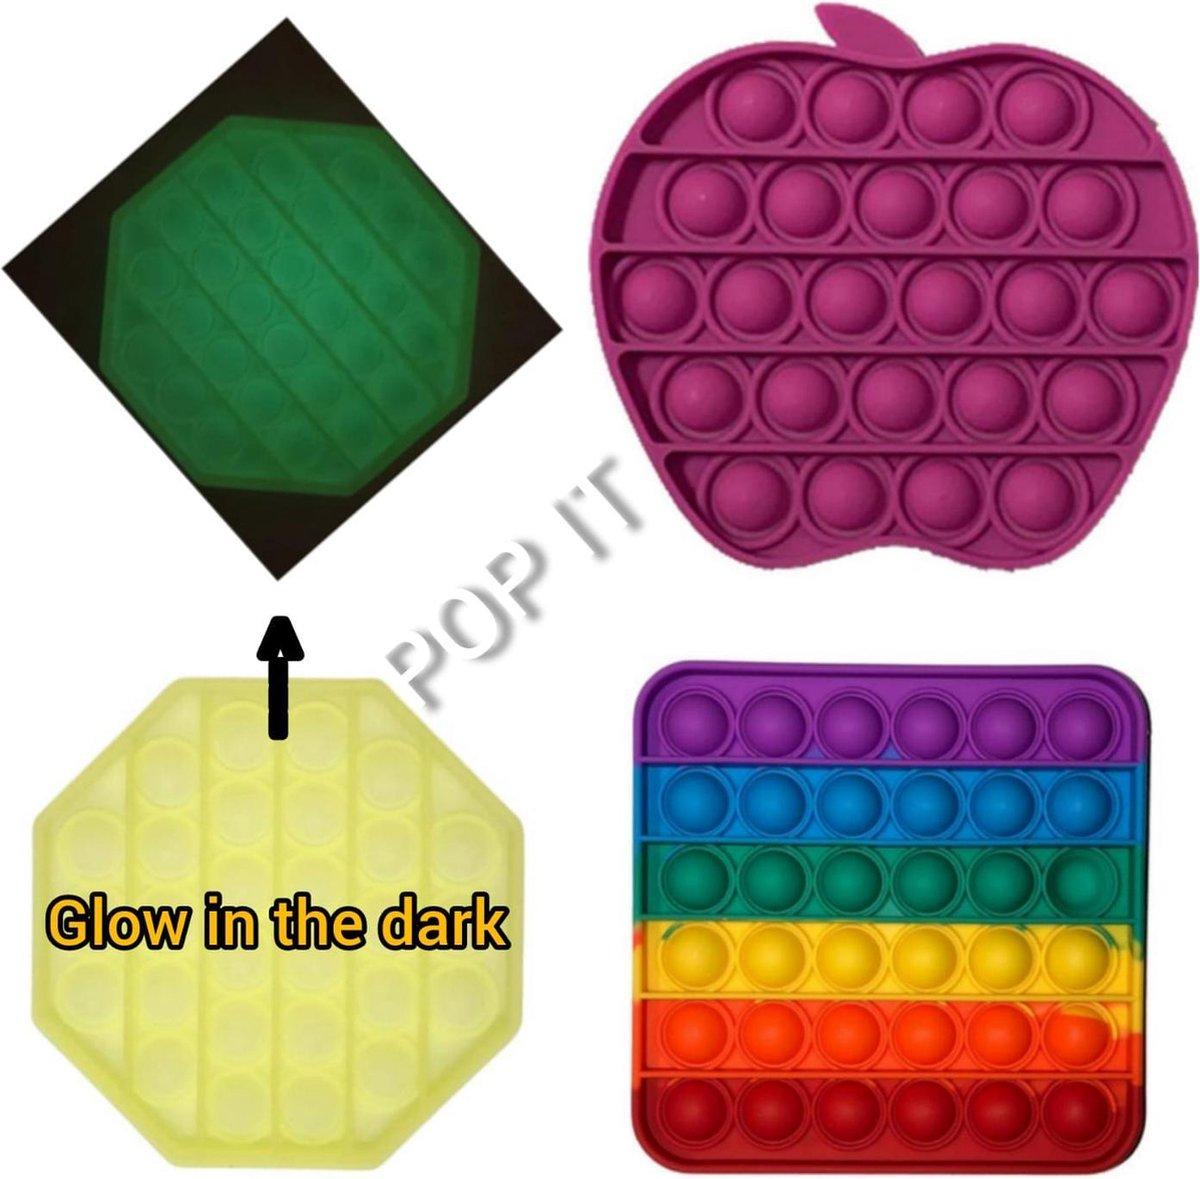 Fidget toys | Pop it van 3 stuks | Achthoek glow in the dark + Regenboog rainbow vierkant + Appel paars | Anti stress 2021 _ Verjaardag cadeautip _ leuk voor zwembad